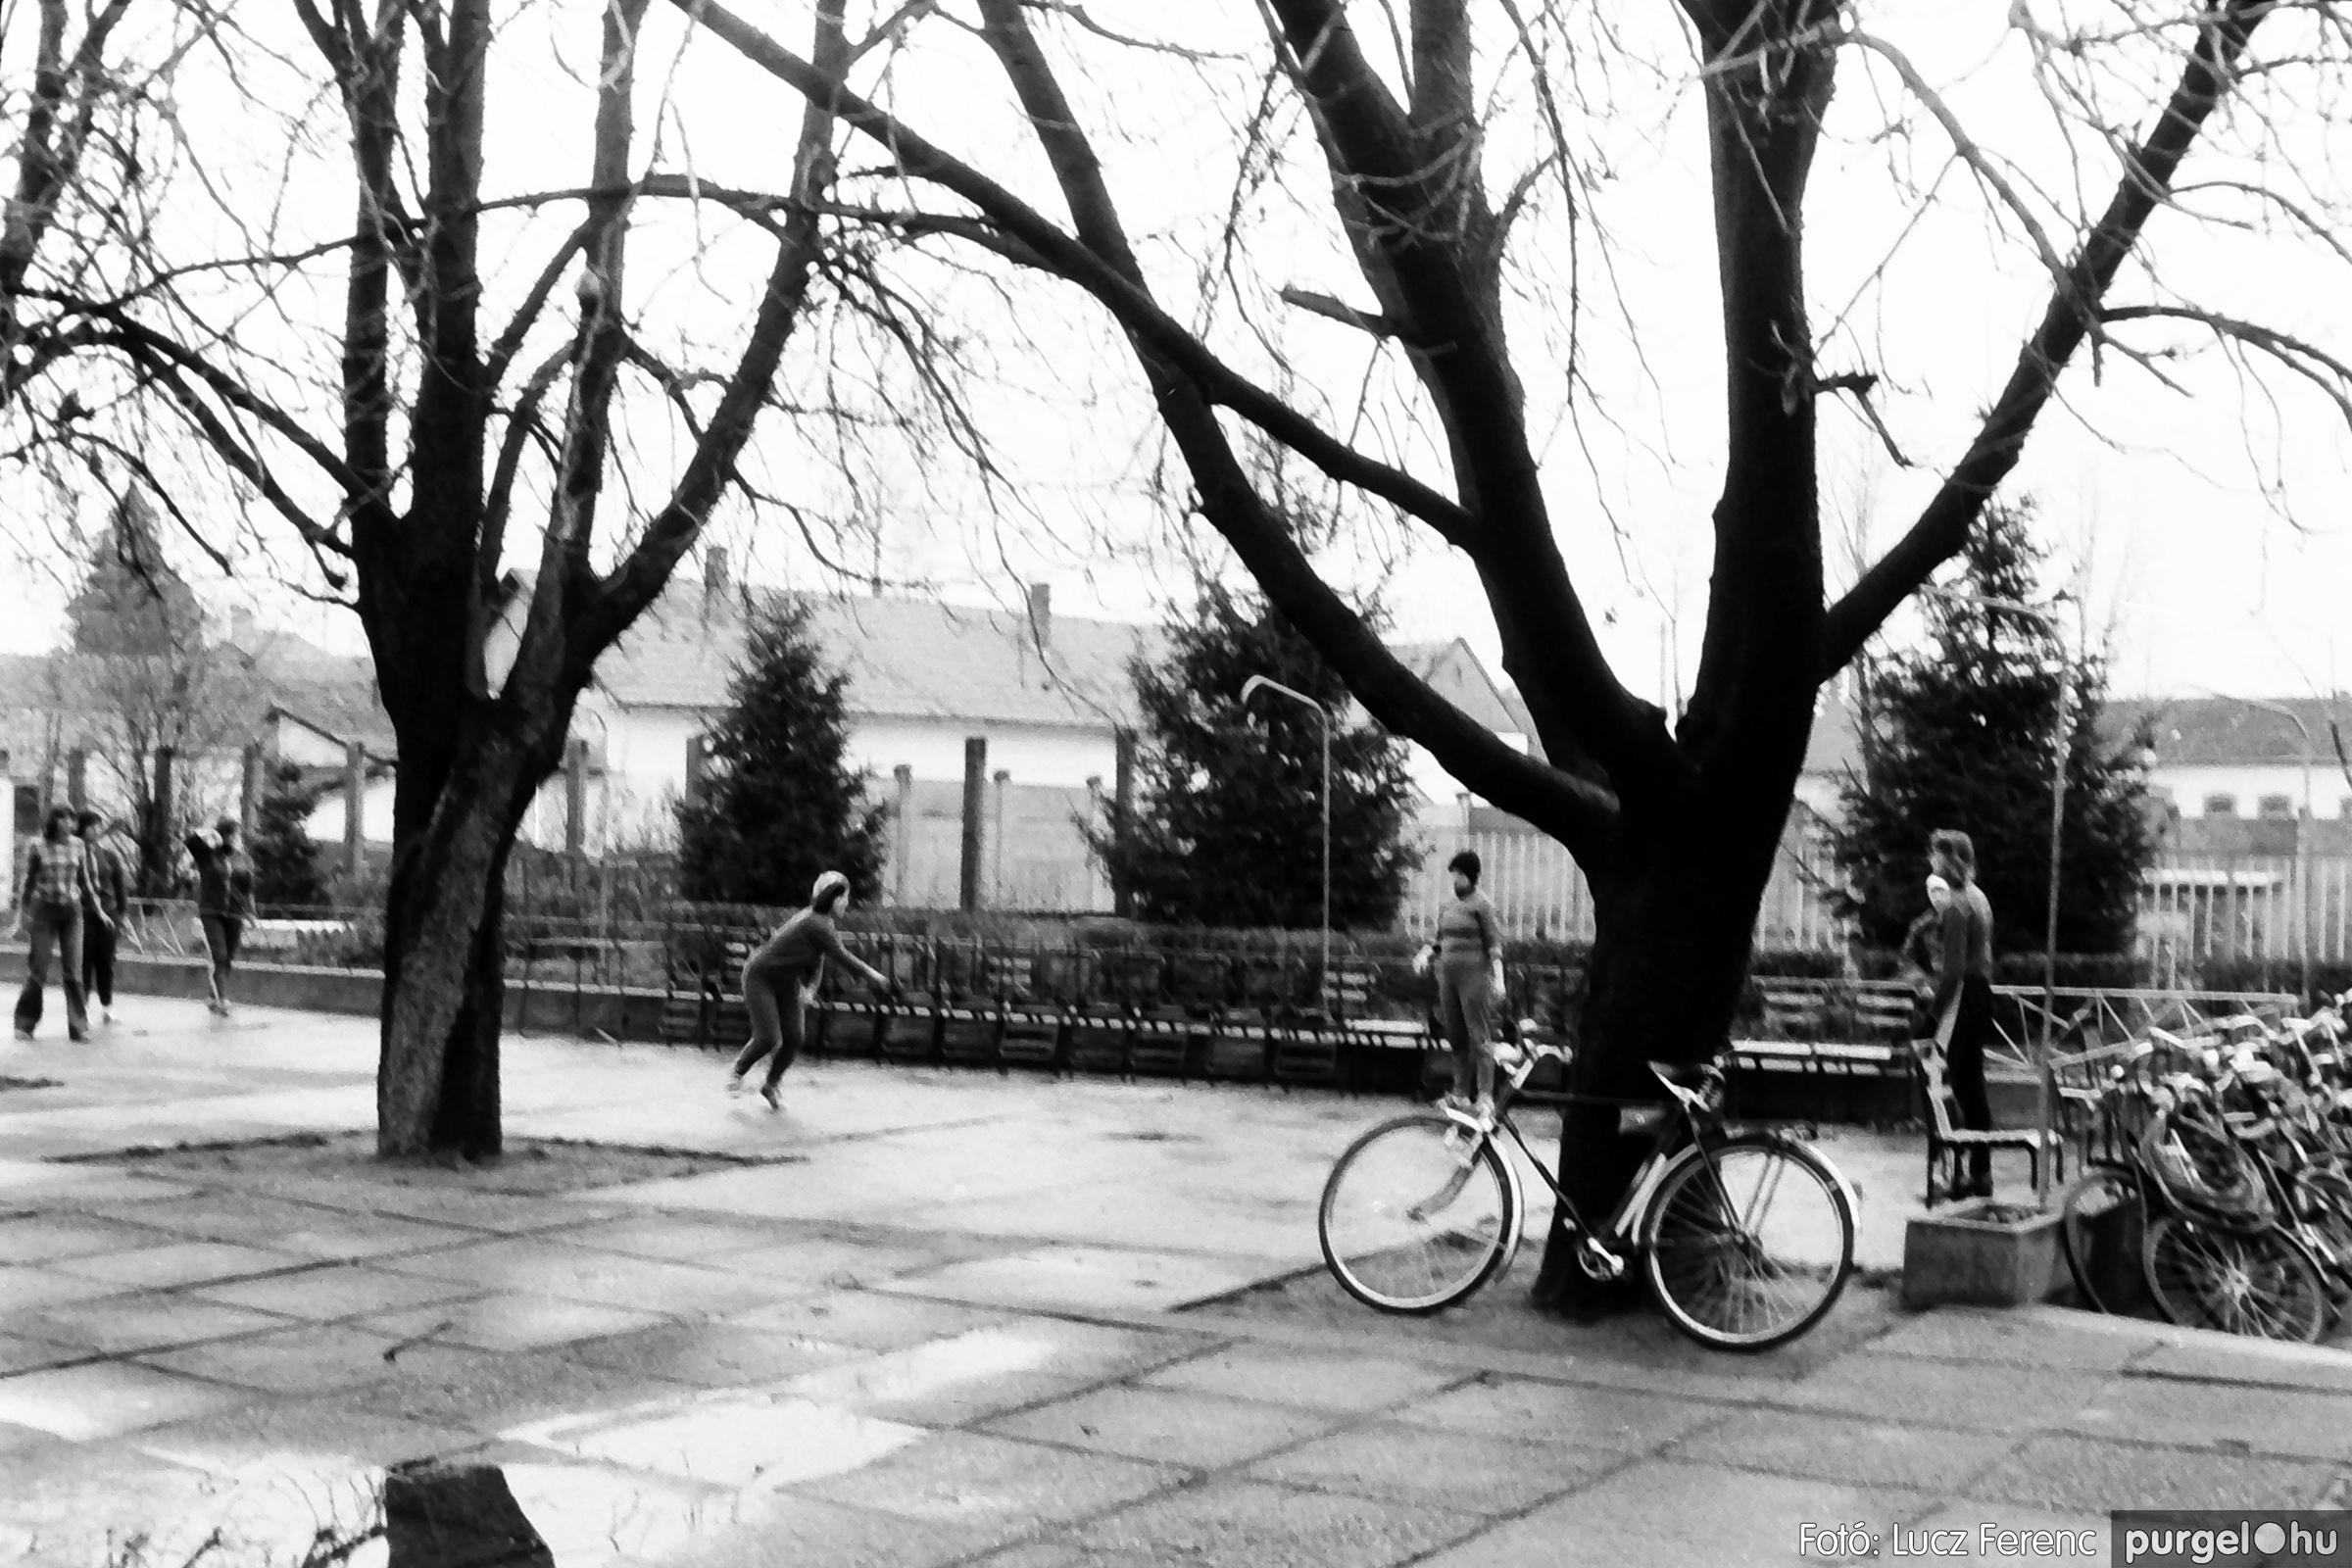 061, 063. 1976. Puskin TSZ szocialista brigádverseny 028. - Fotó: Lucz Ferenc.jpg